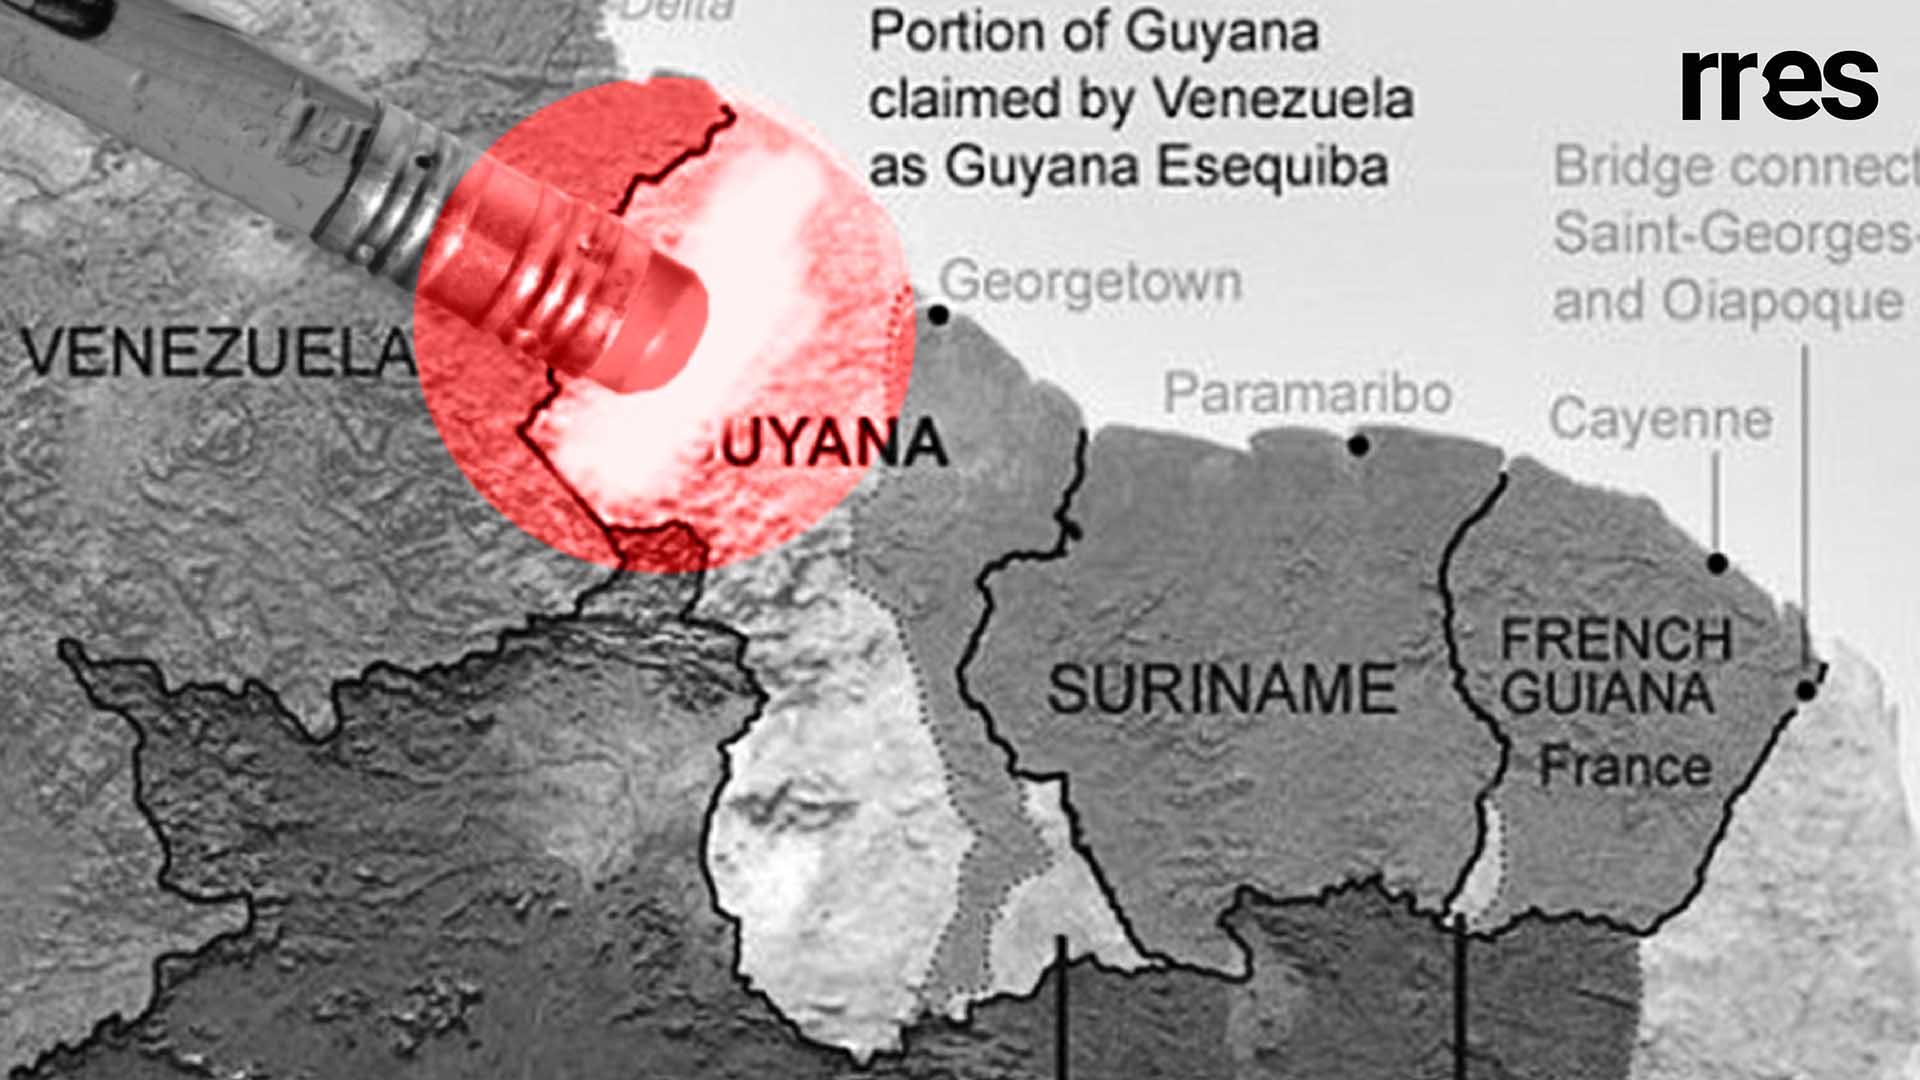 Runrunes de Bocaranda: MEDIO – ¿Y EL ESEQUIBO SE PERDERÁ?